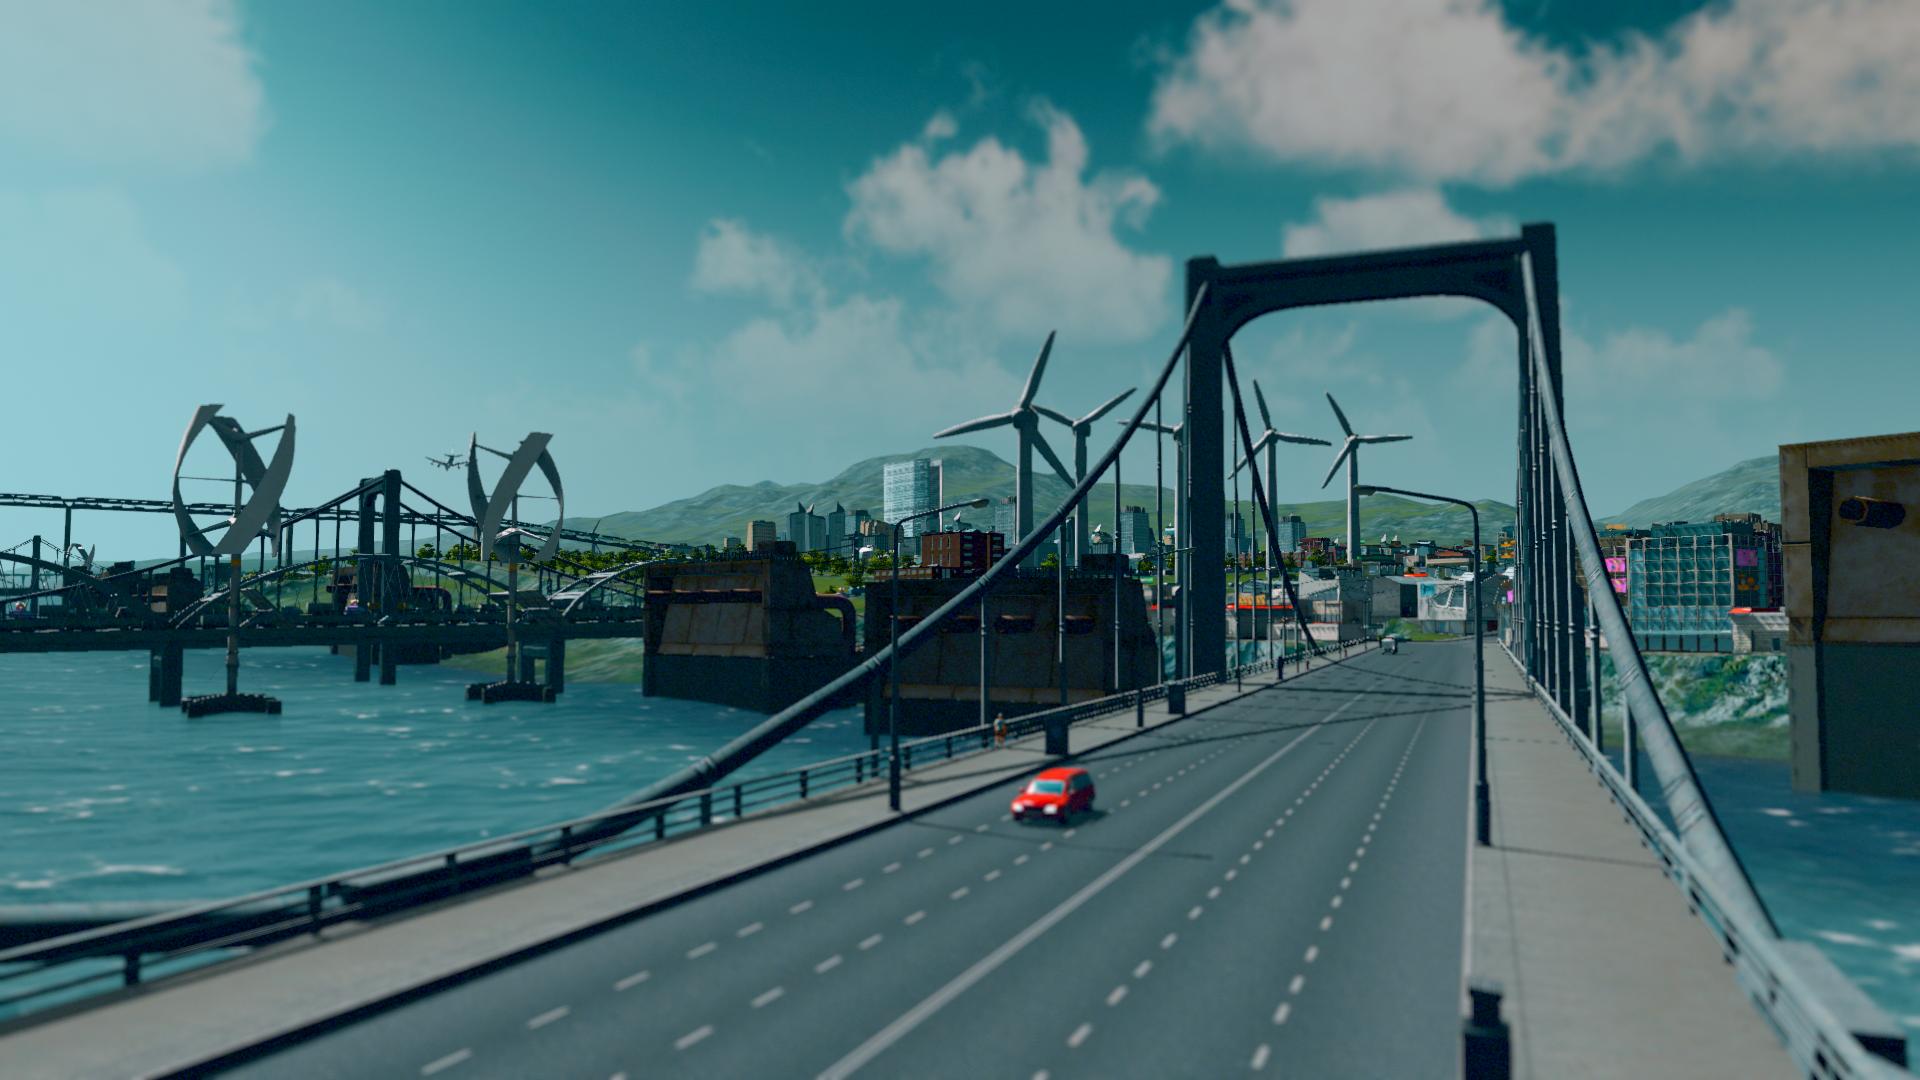 Ein Auto fährt über eine Brücke.